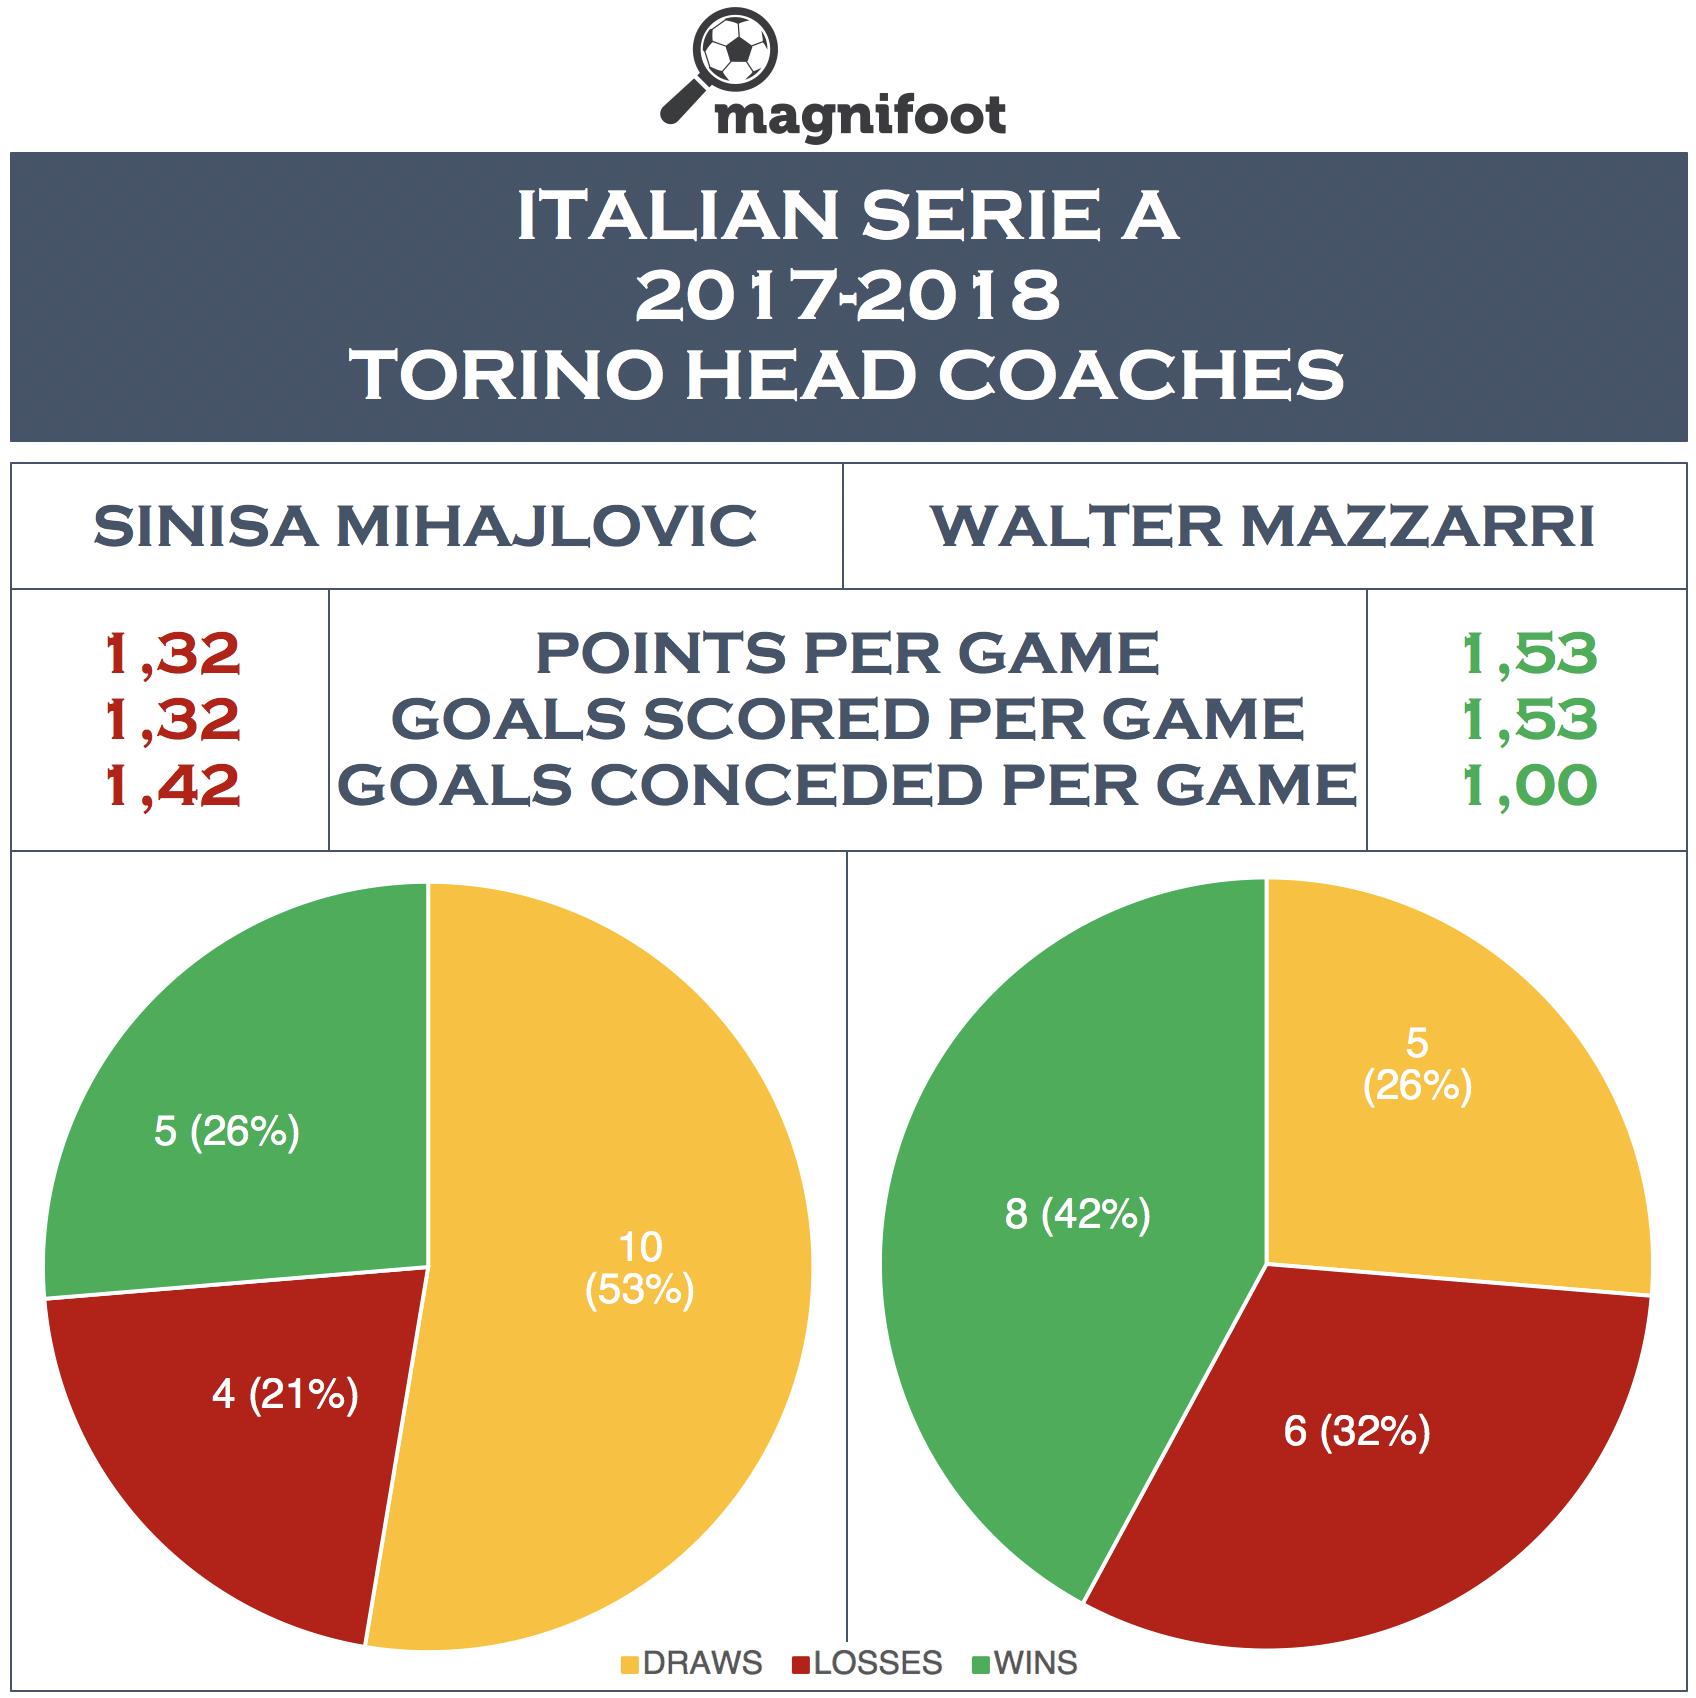 2017-2018 SERIE A: TORINO HEAD COACHES #magnifoot #football